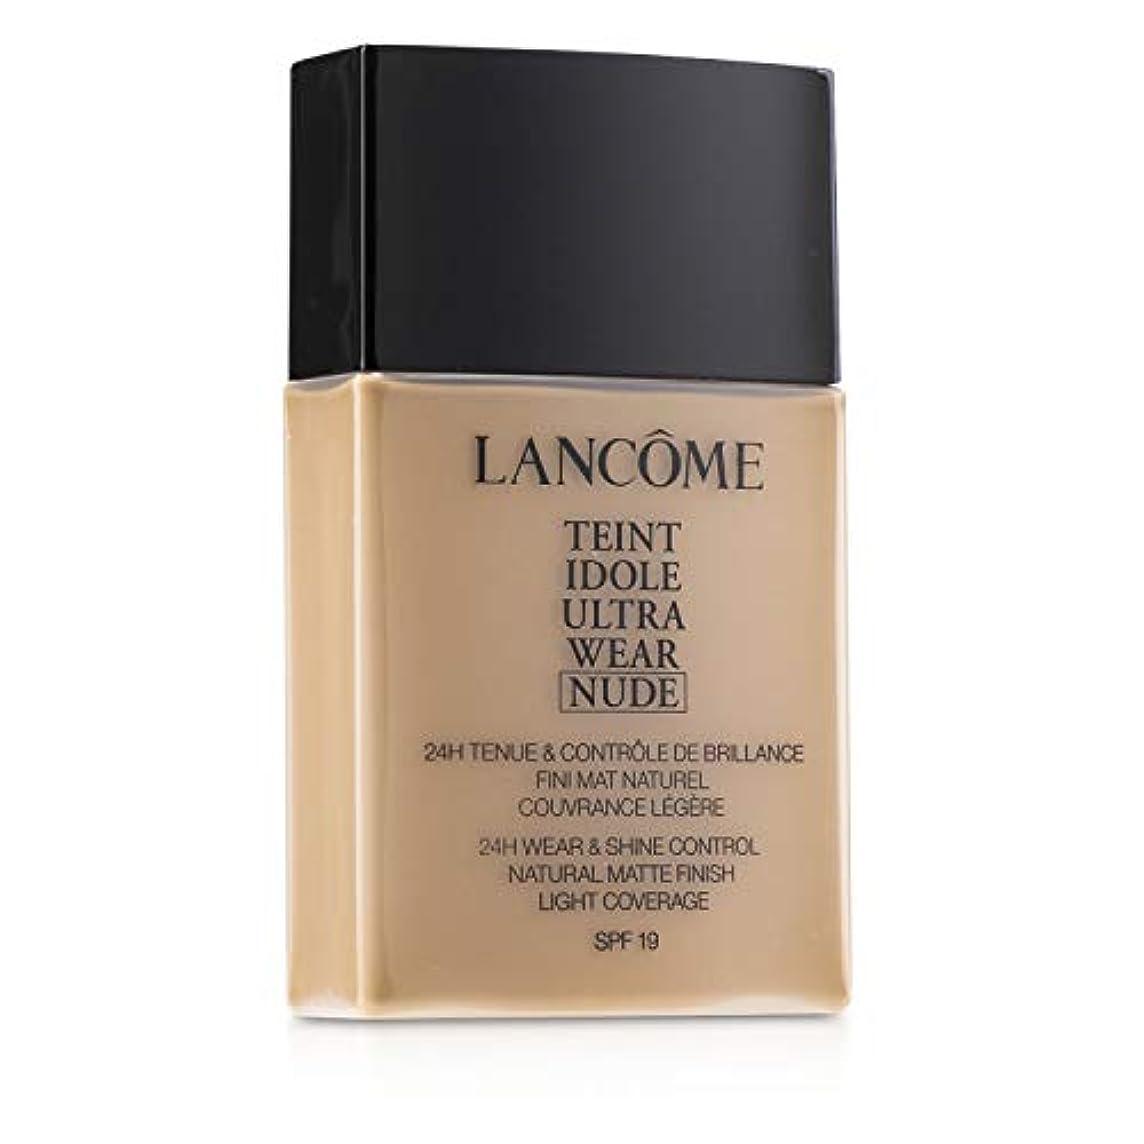 細心の花禁止するランコム Teint Idole Ultra Wear Nude Foundation SPF19 - # 055 Beige Ideal 40ml/1.3oz並行輸入品